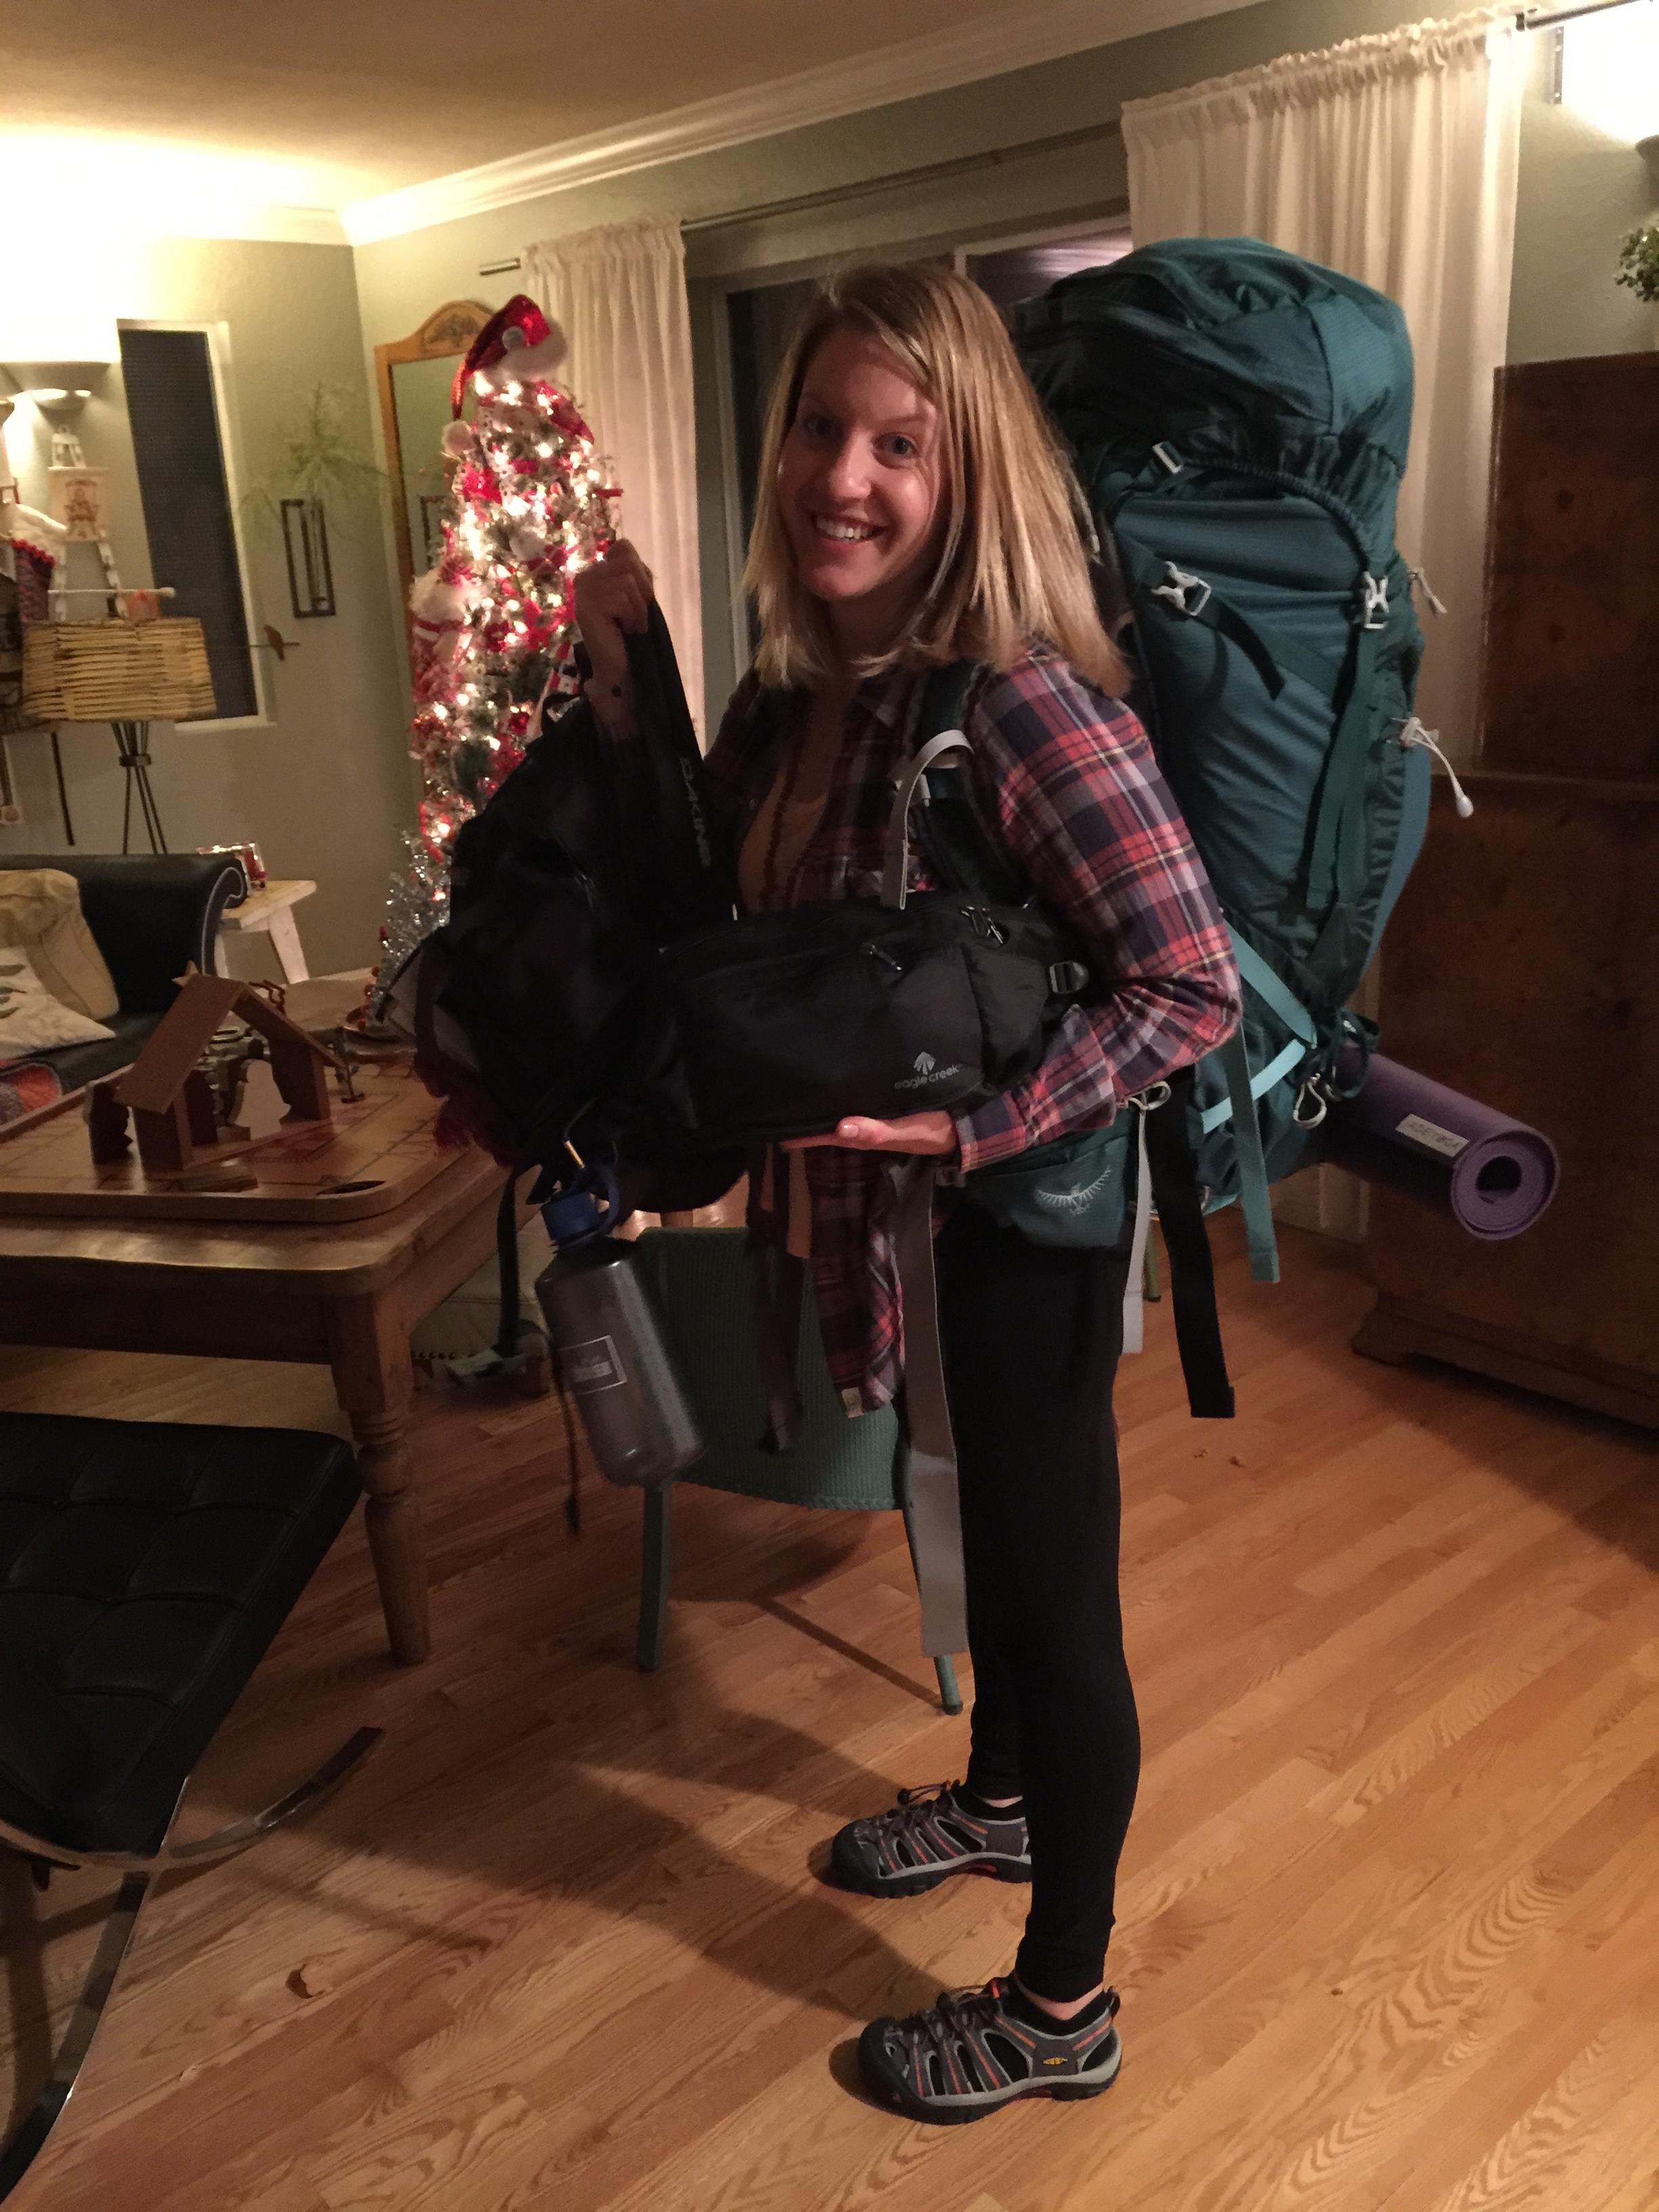 Leaving Dec 7, 2015